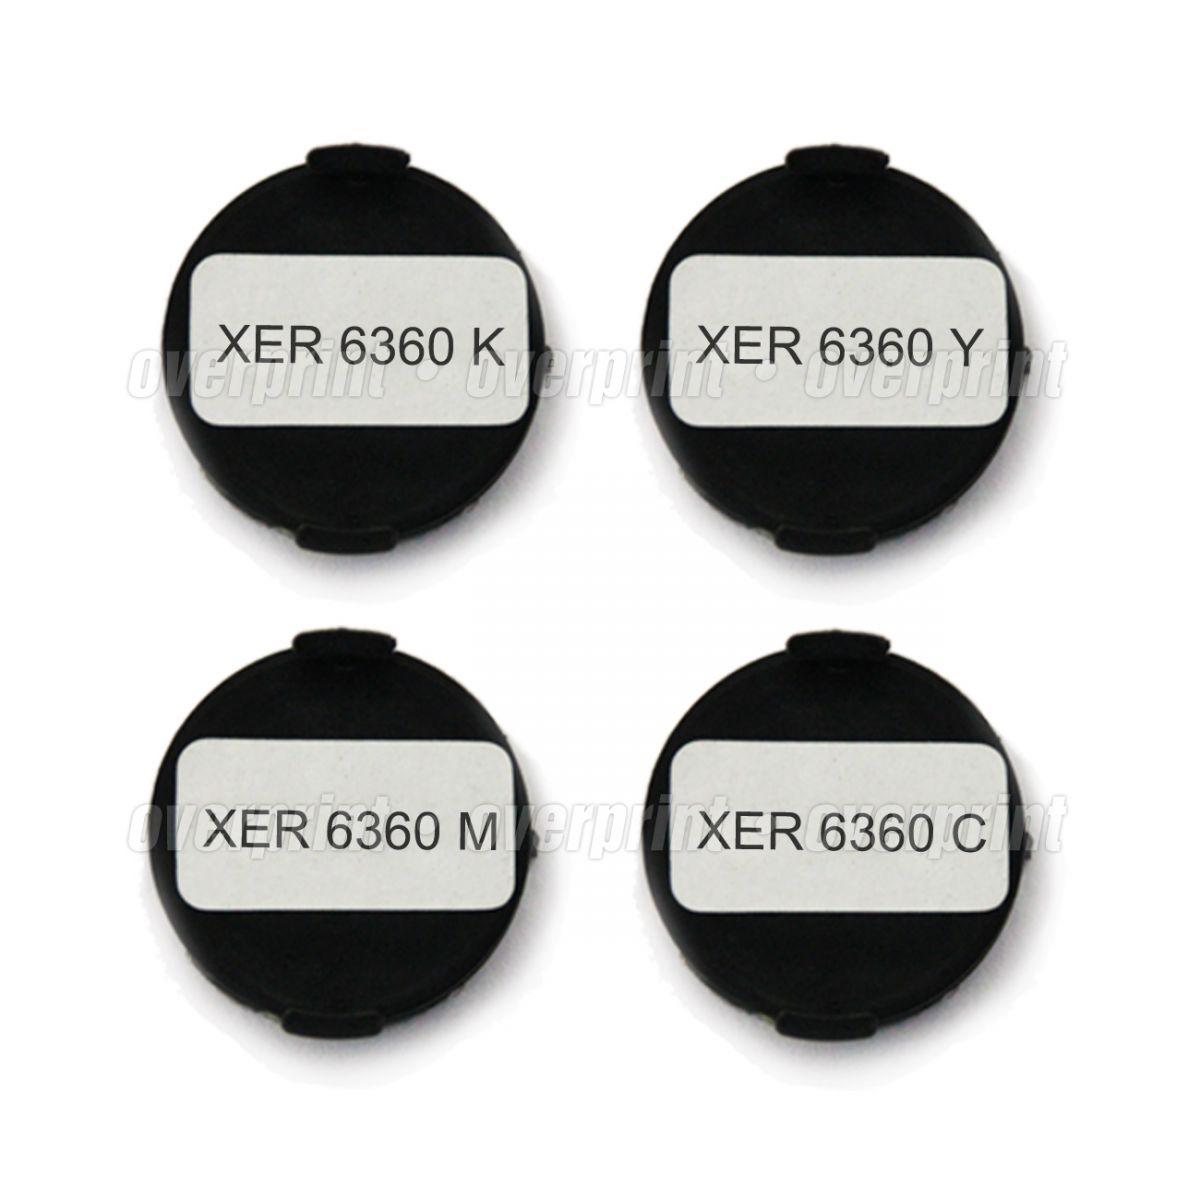 Kit Chip Toner Xerox Phaser 6360 - Overprint